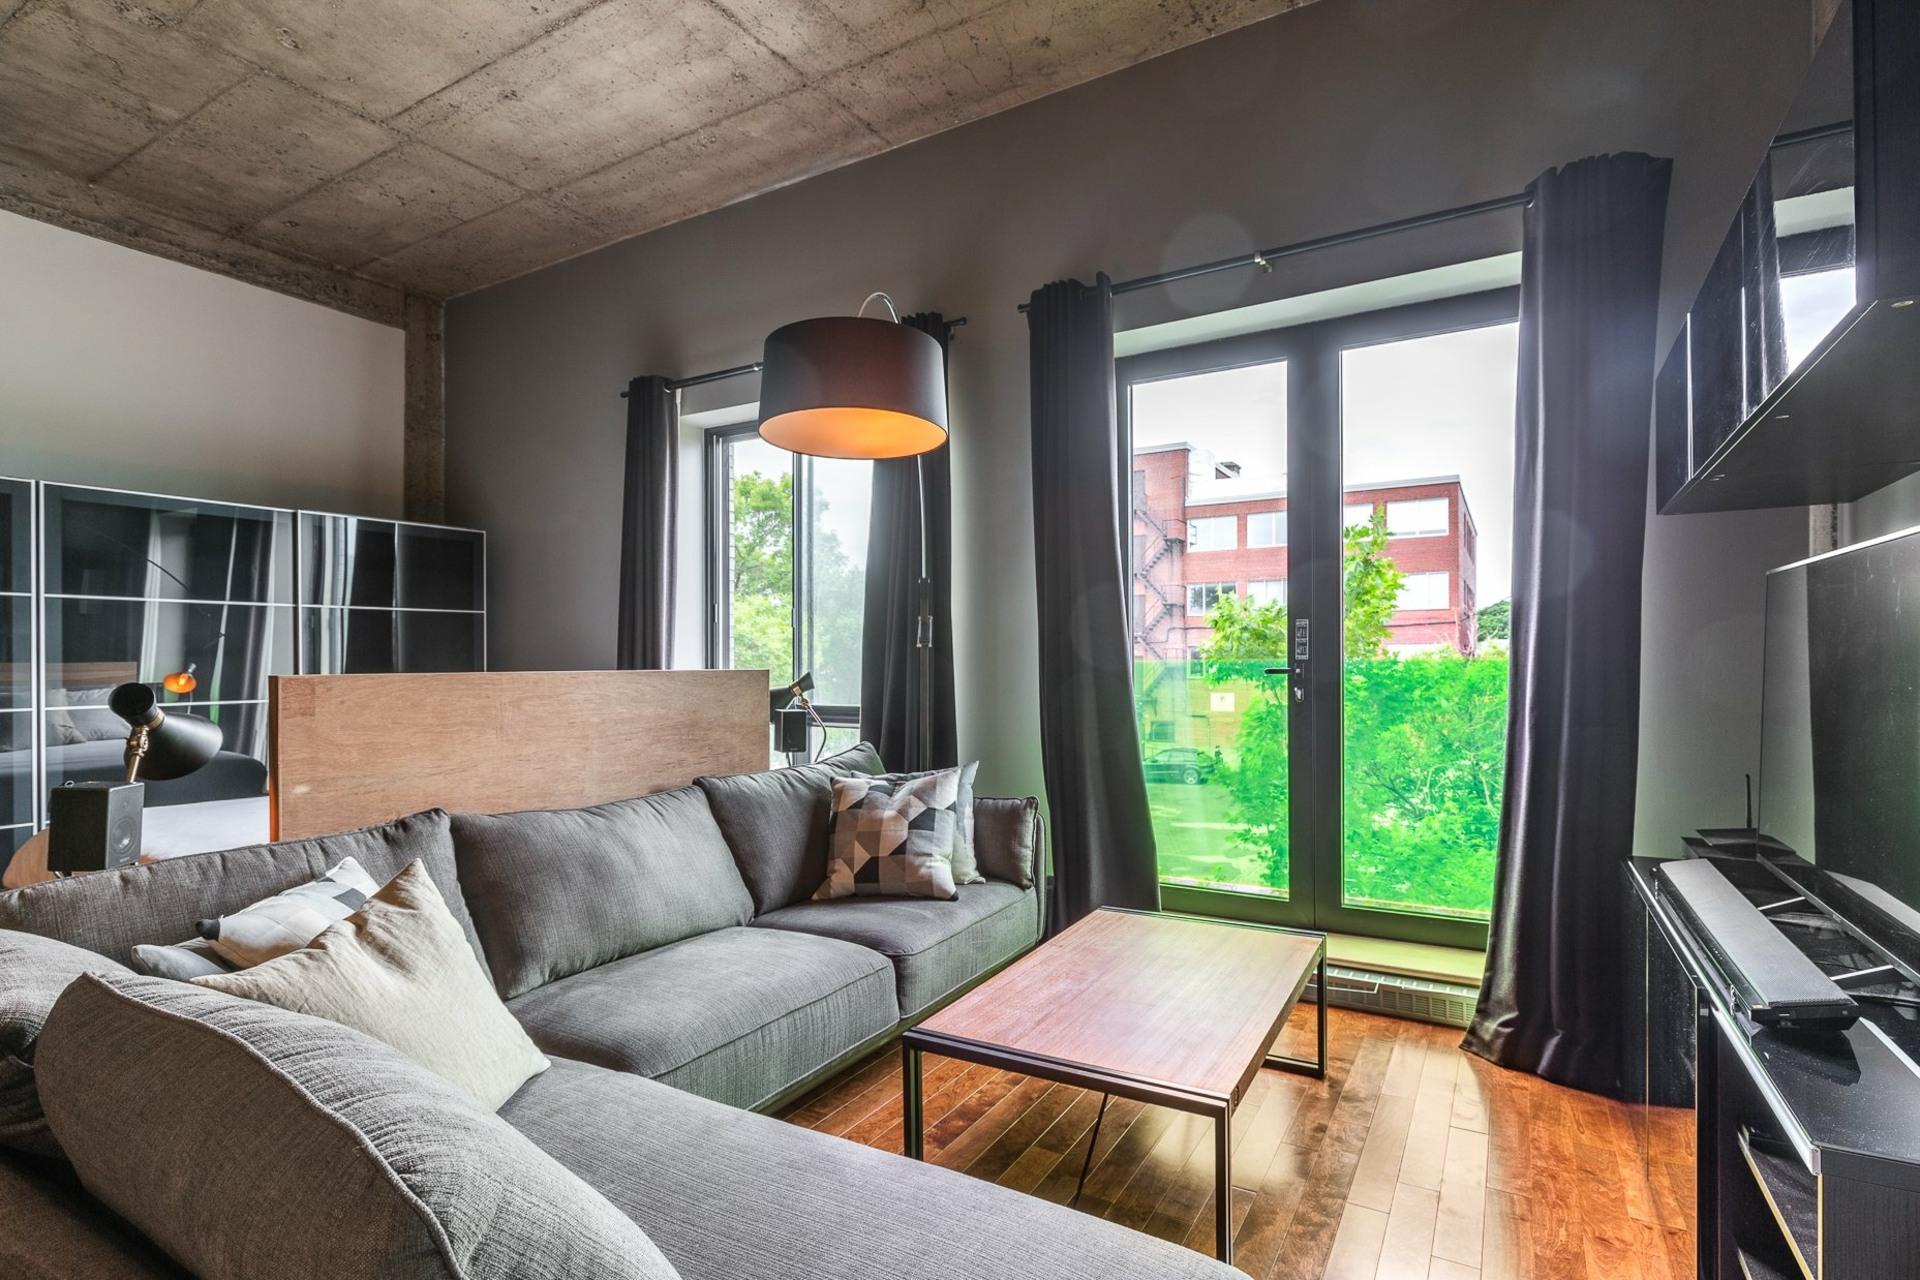 image 10 - Appartement À vendre Villeray/Saint-Michel/Parc-Extension Montréal  - 1 pièce